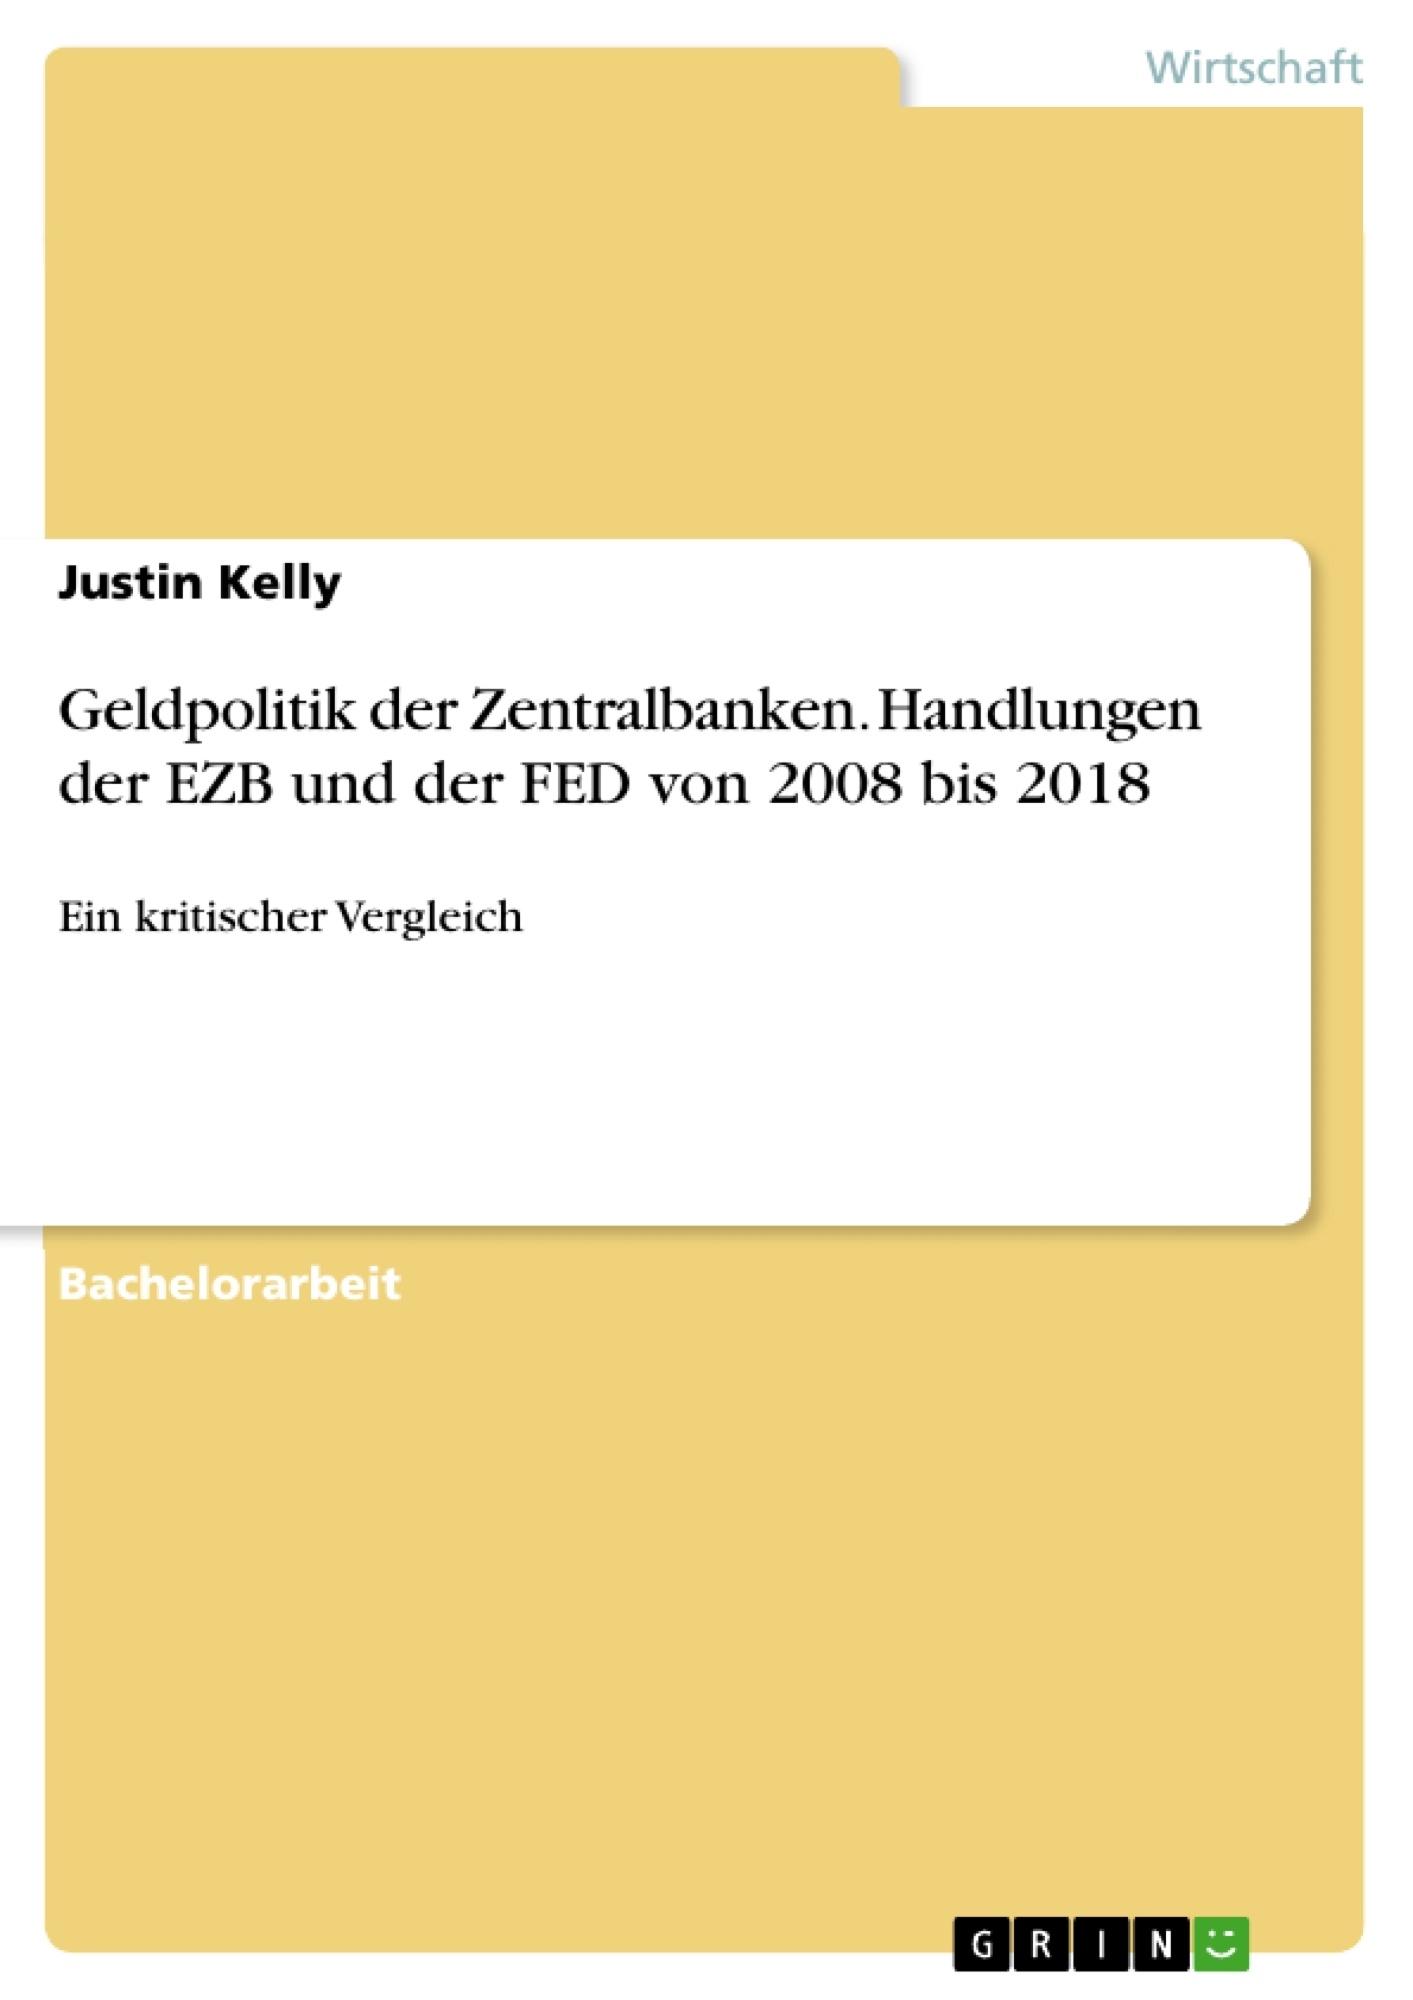 Titel: Geldpolitik der Zentralbanken. Handlungen der EZB und der FED von 2008 bis 2018